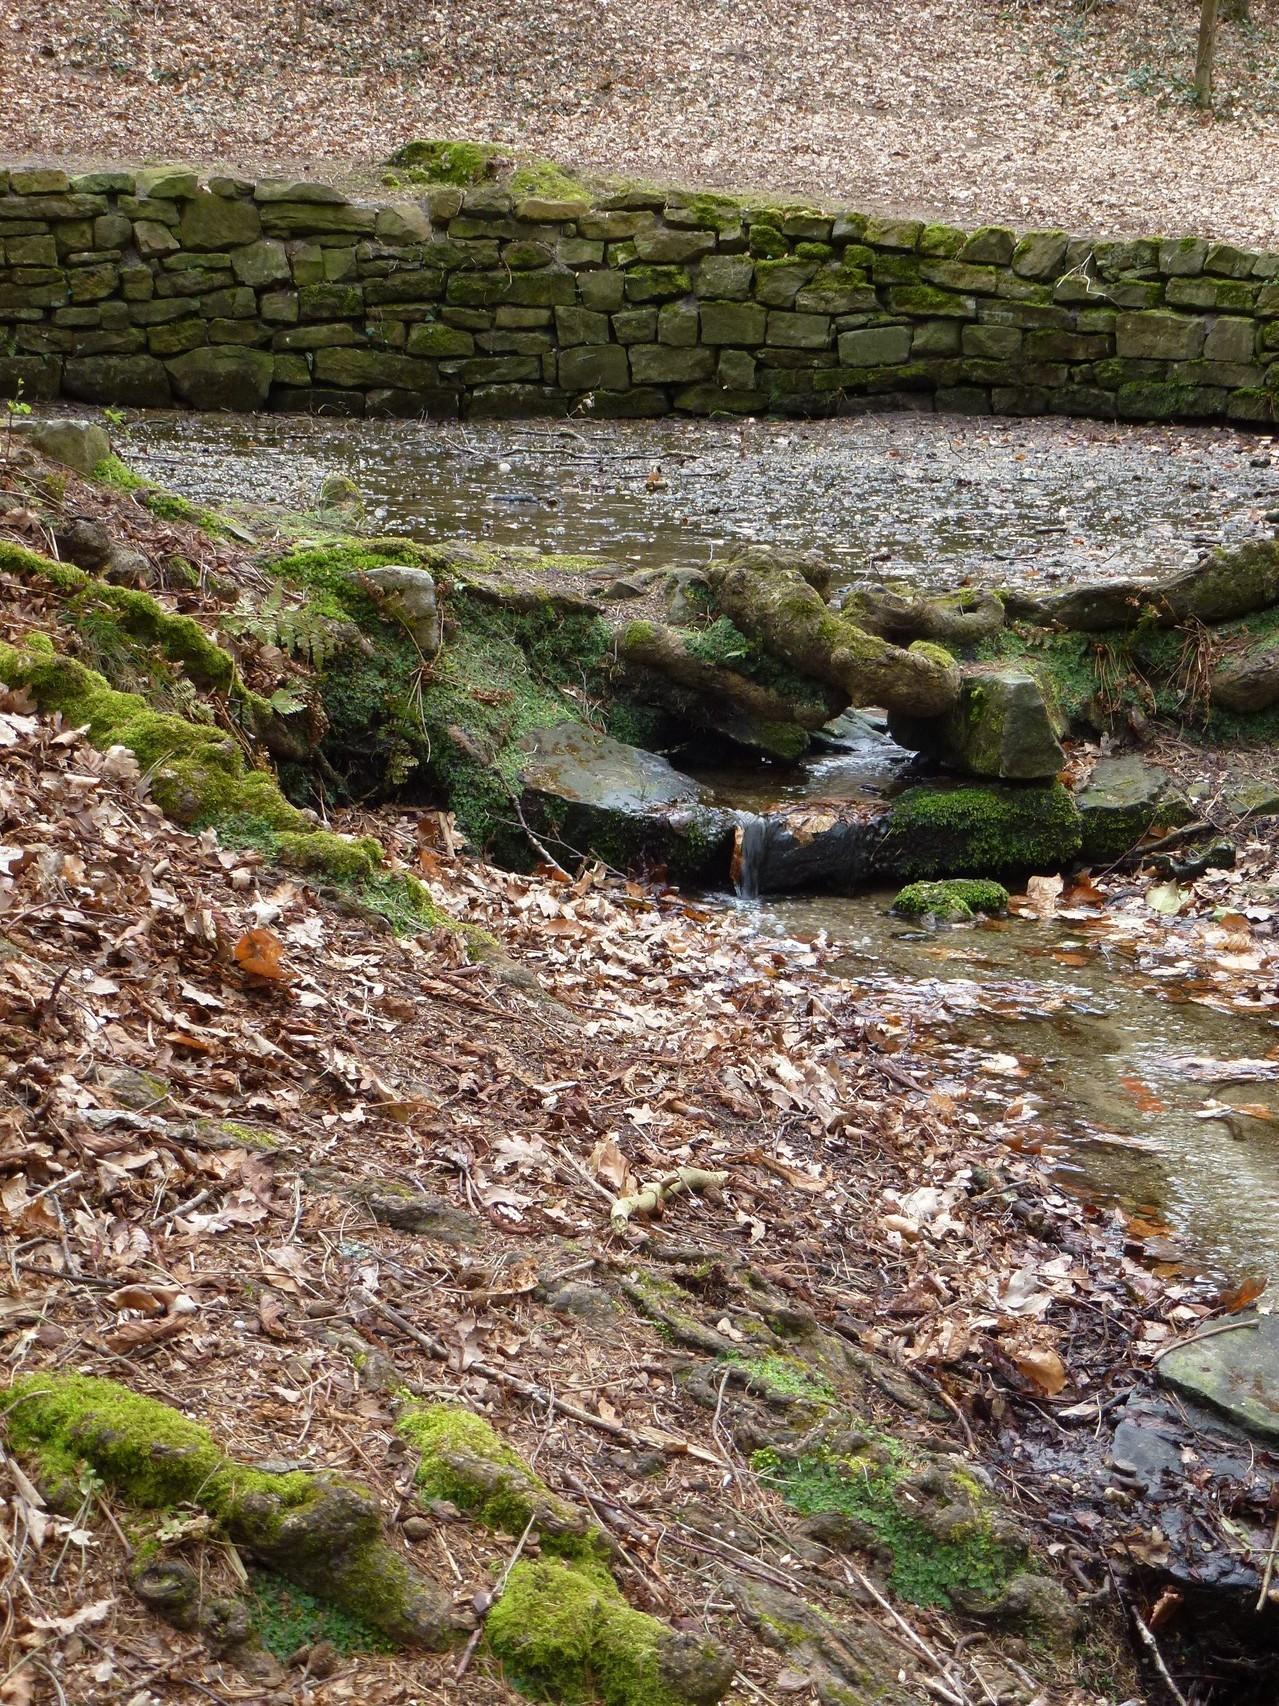 Quelle in der Nähe von Loccum